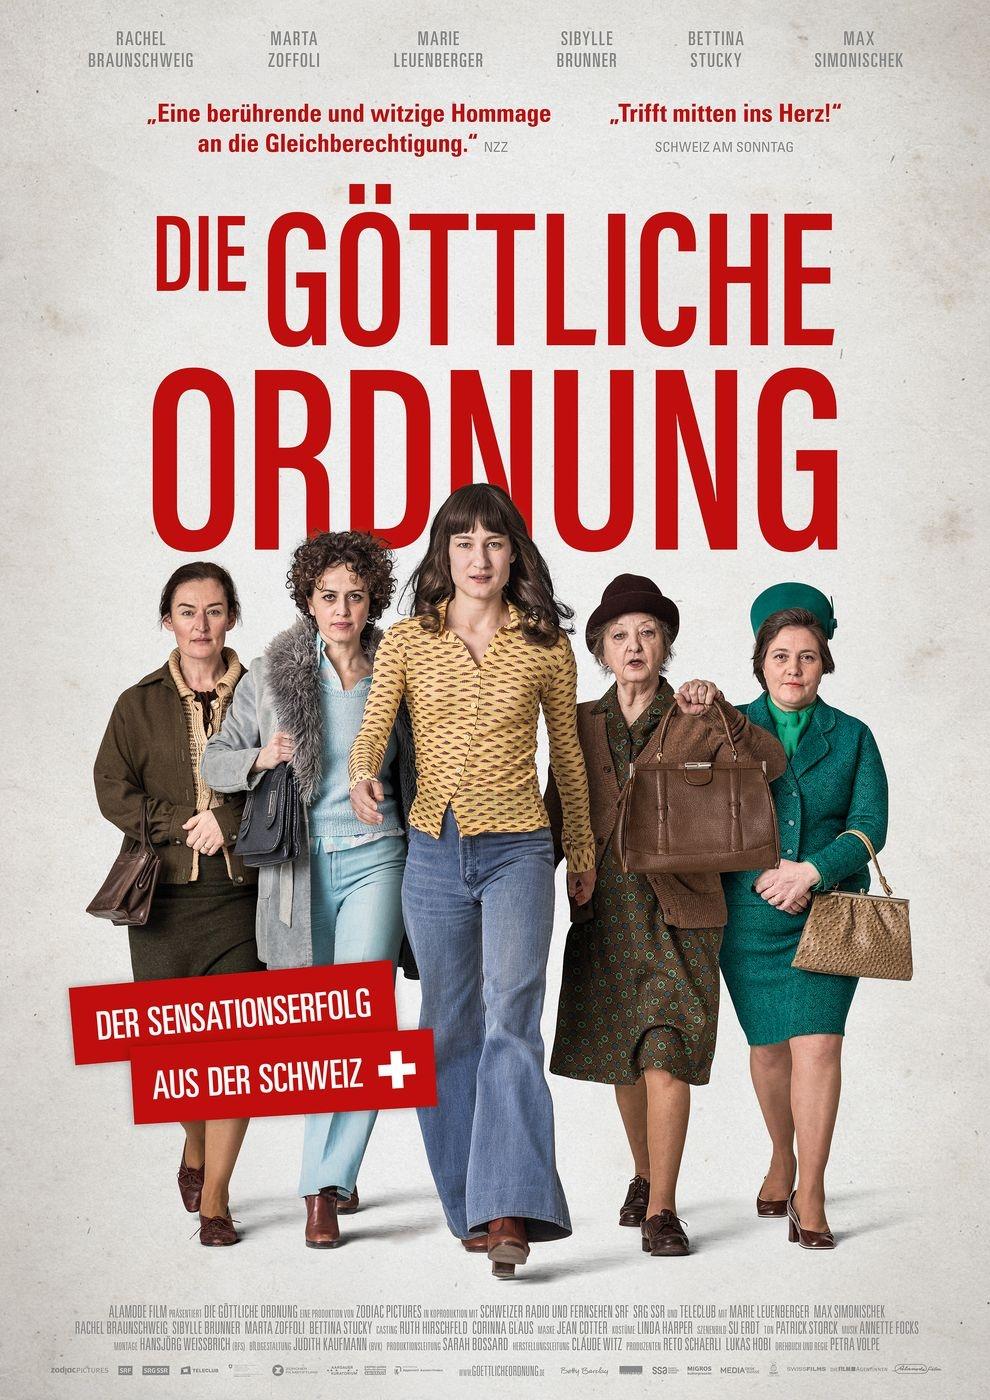 Die göttliche Ordnung (Poster)